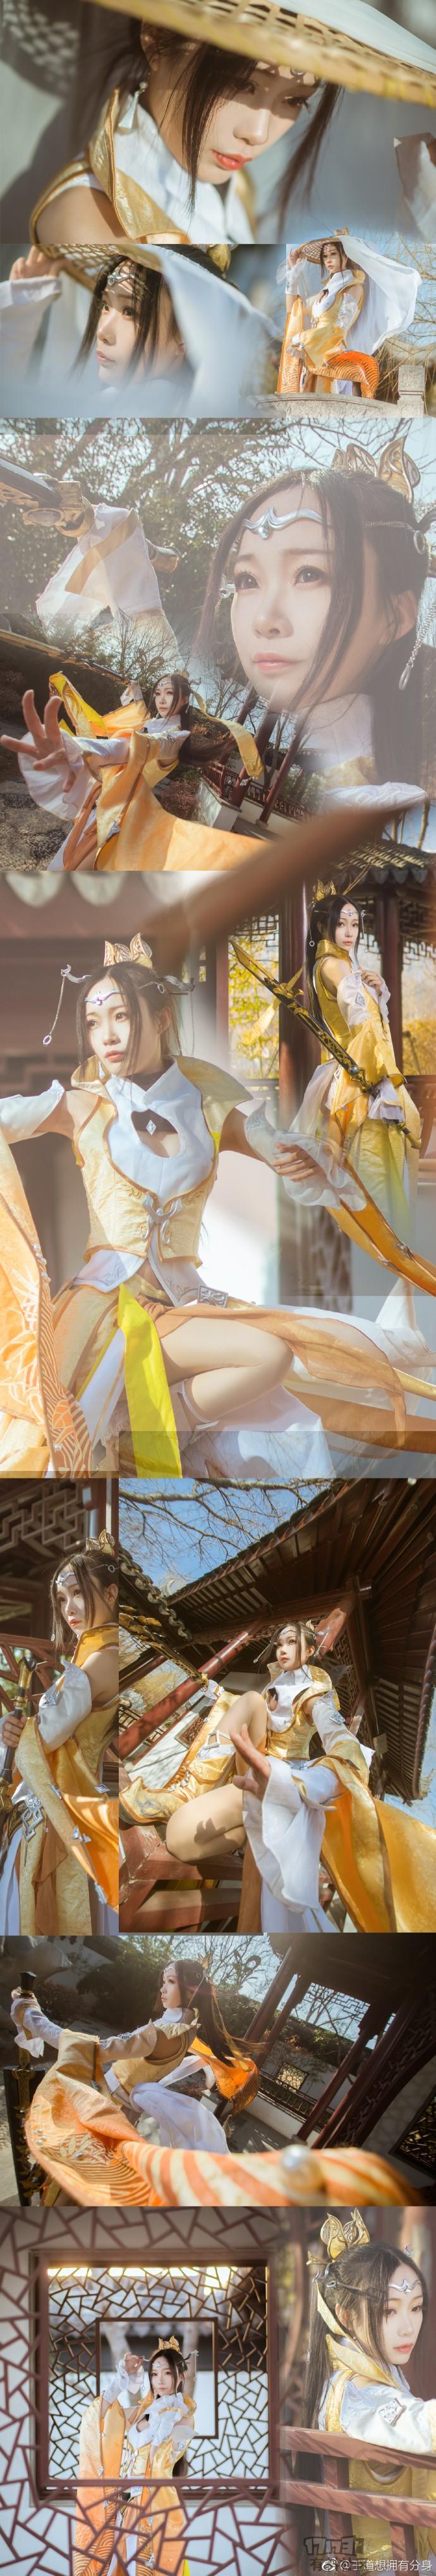 剑网3藏剑优秀COS欣赏推荐 金光闪动剑舞霓裳